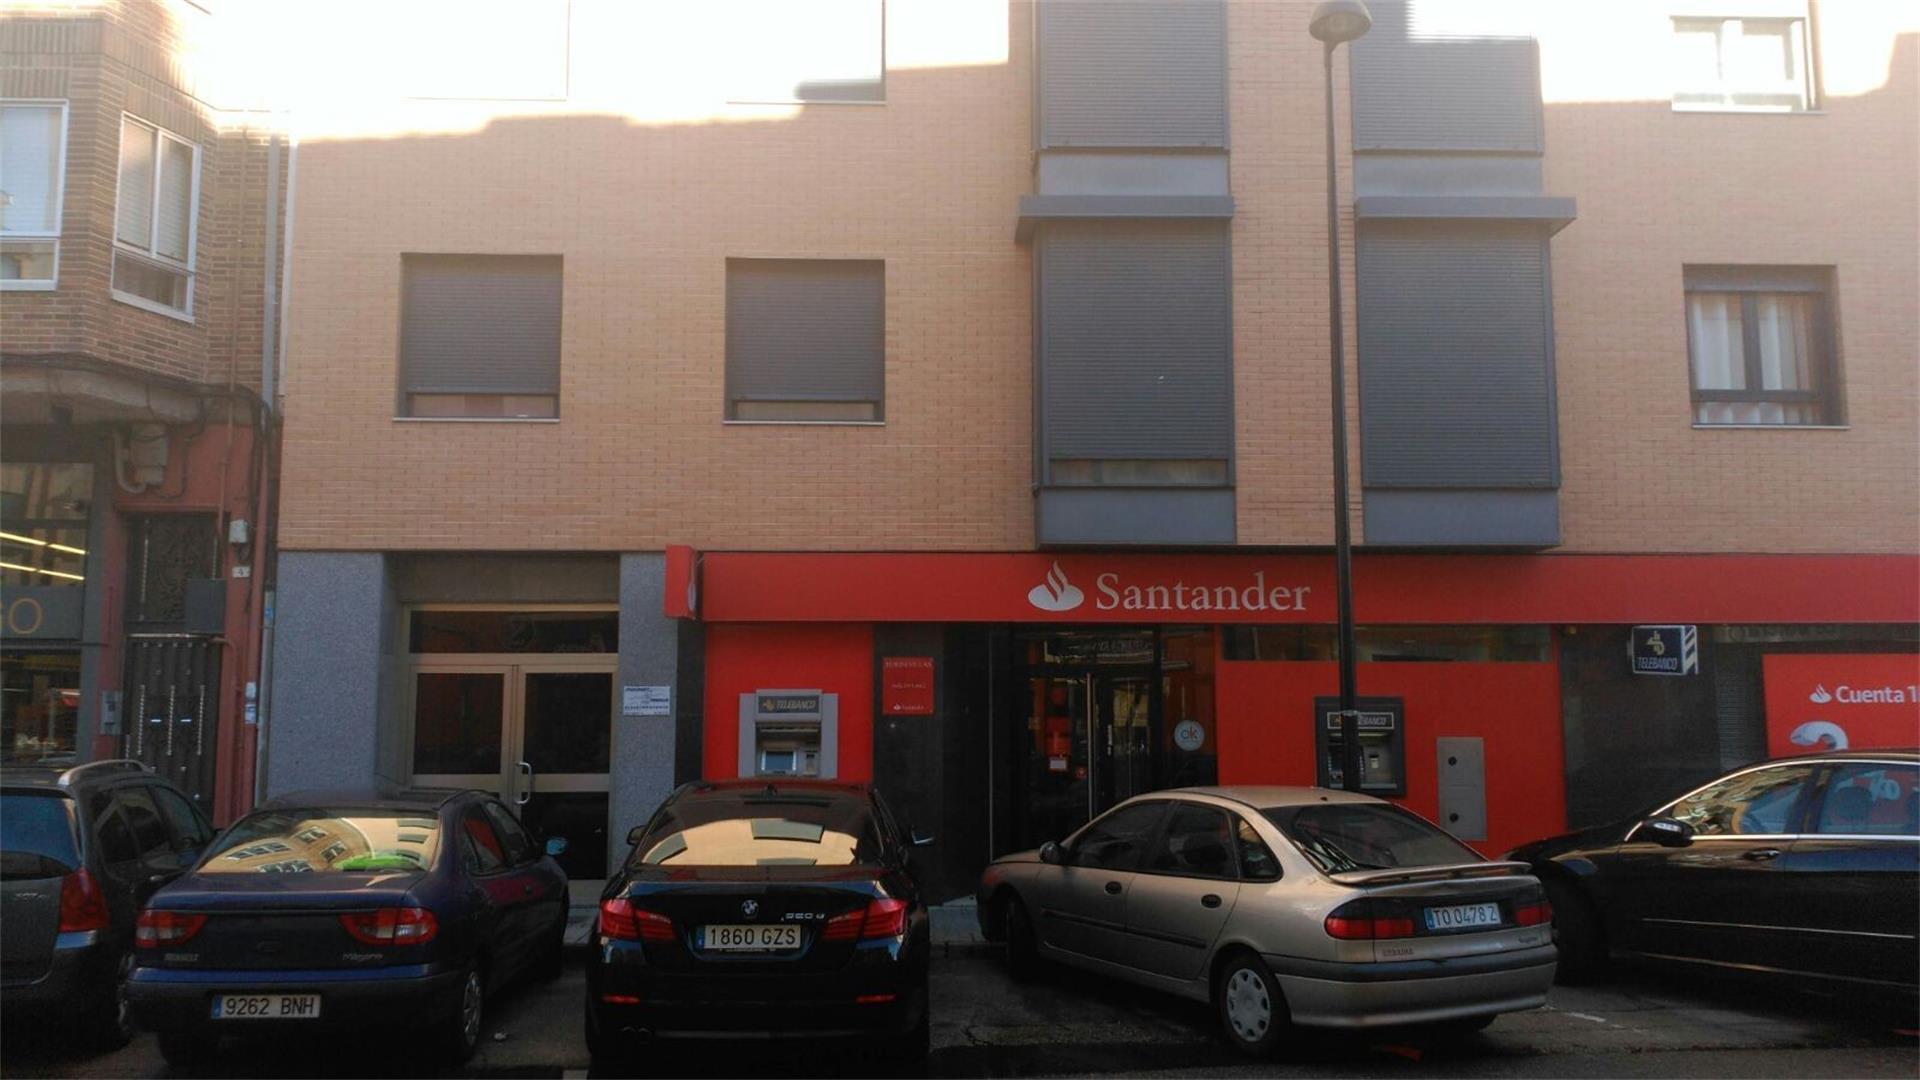 Garaje de alquiler en Avenida de León, 2 Tordesillas (Tordesillas, Valladolid)